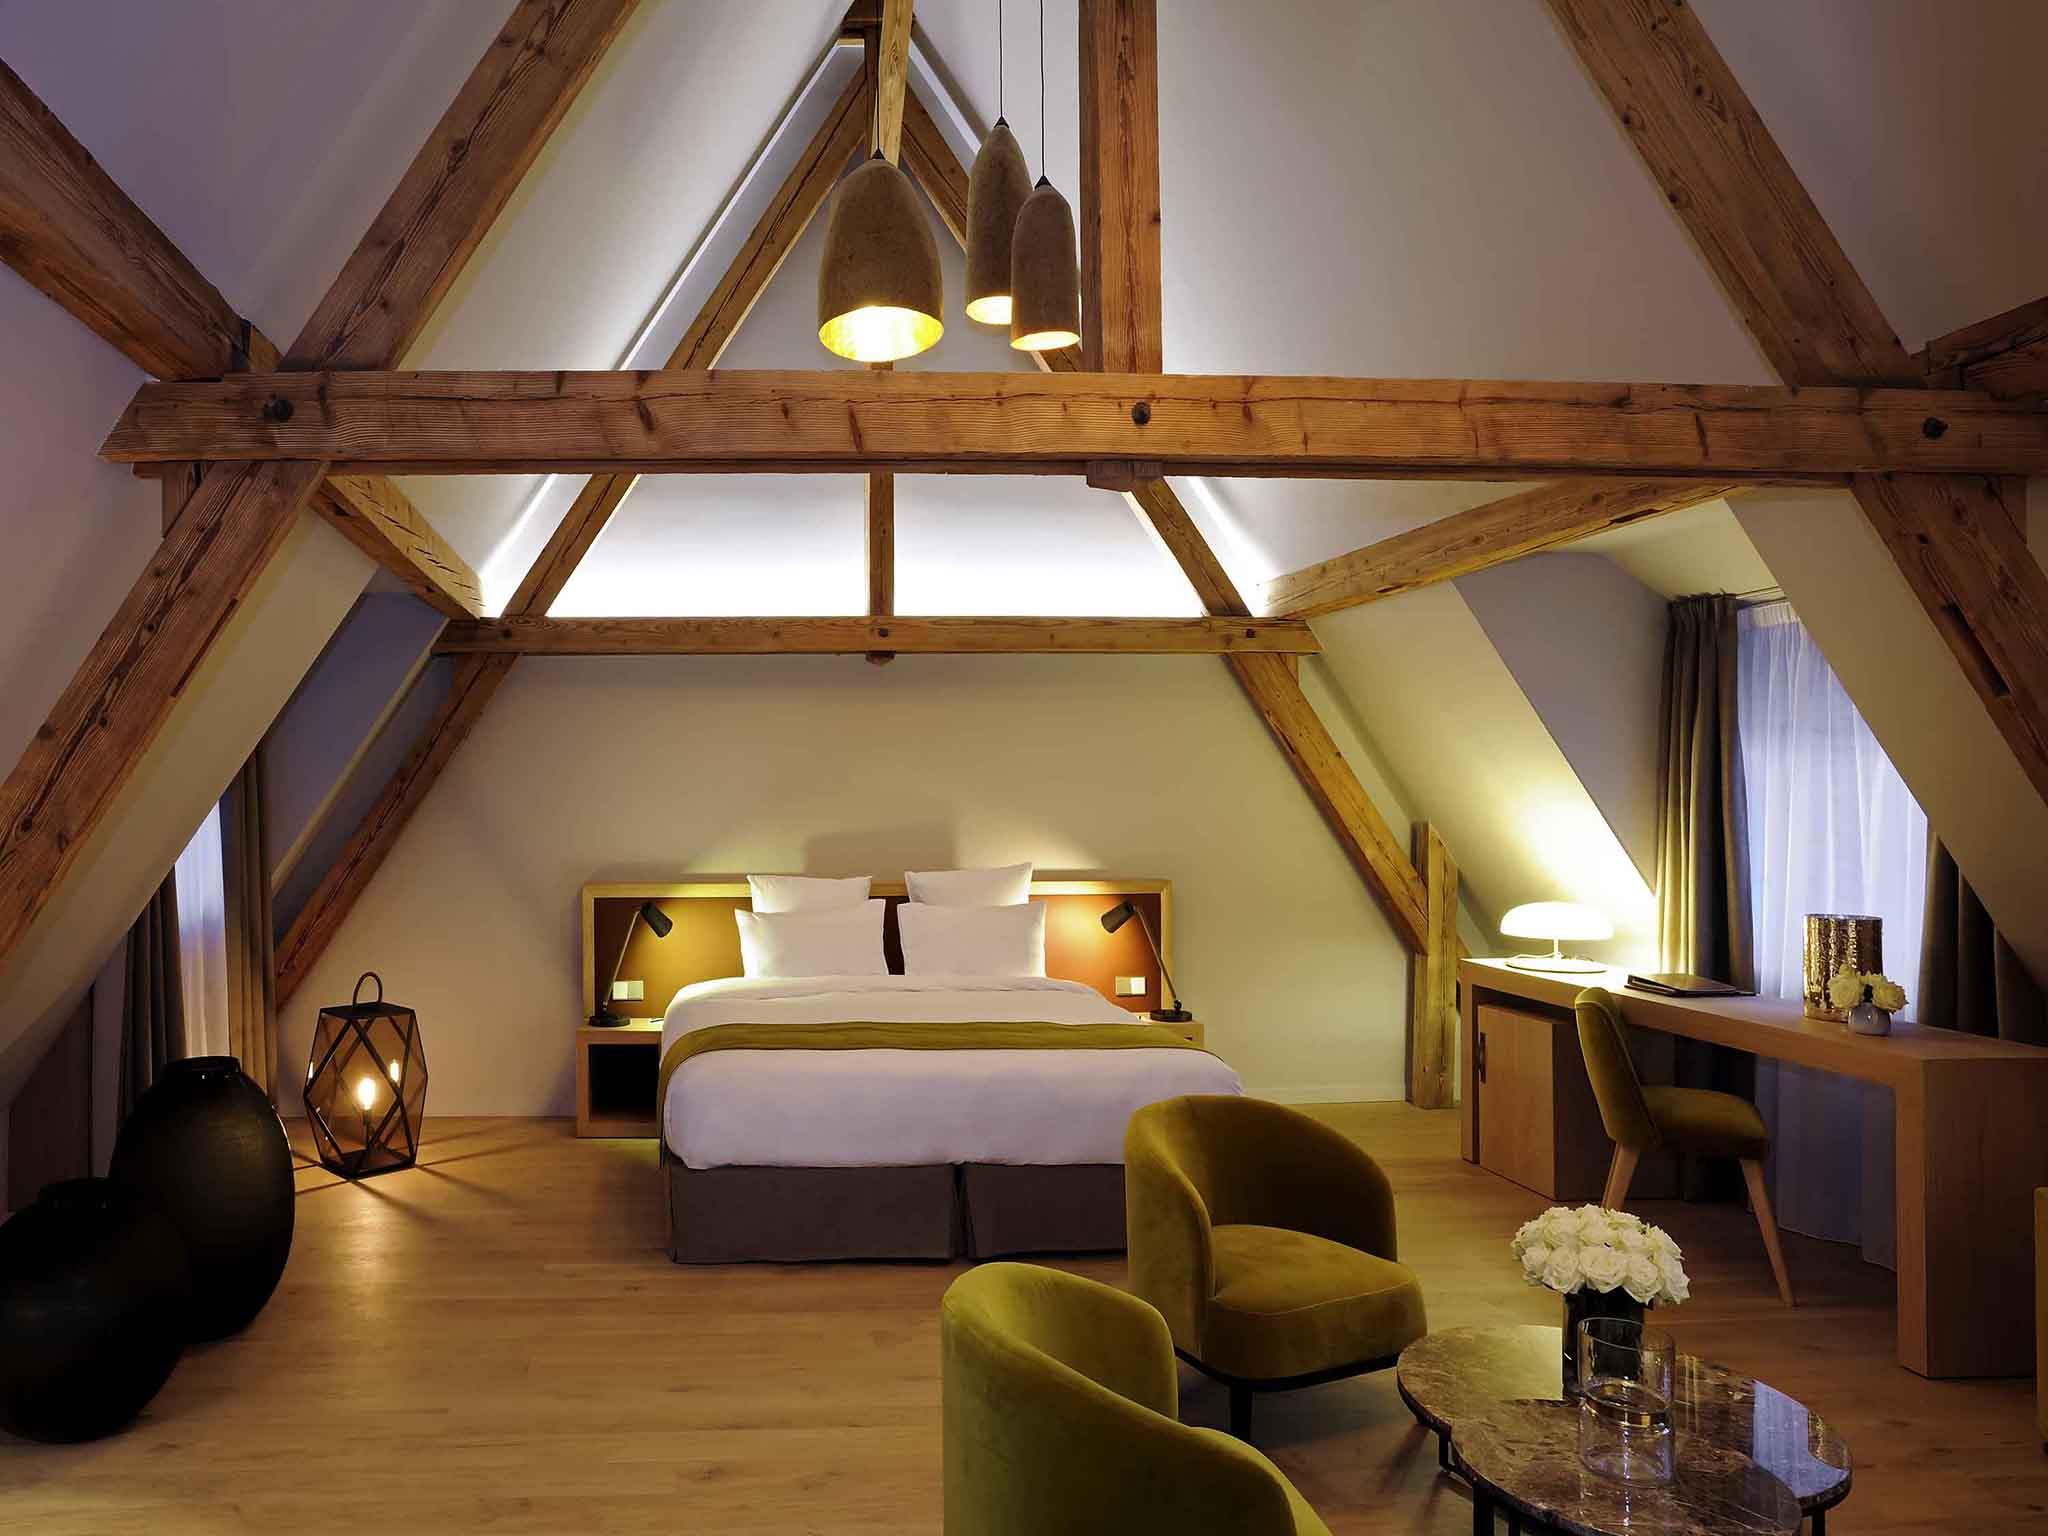 ホテル – 5 テール ホテル & スパ バール Mギャラリー by ソフィテル